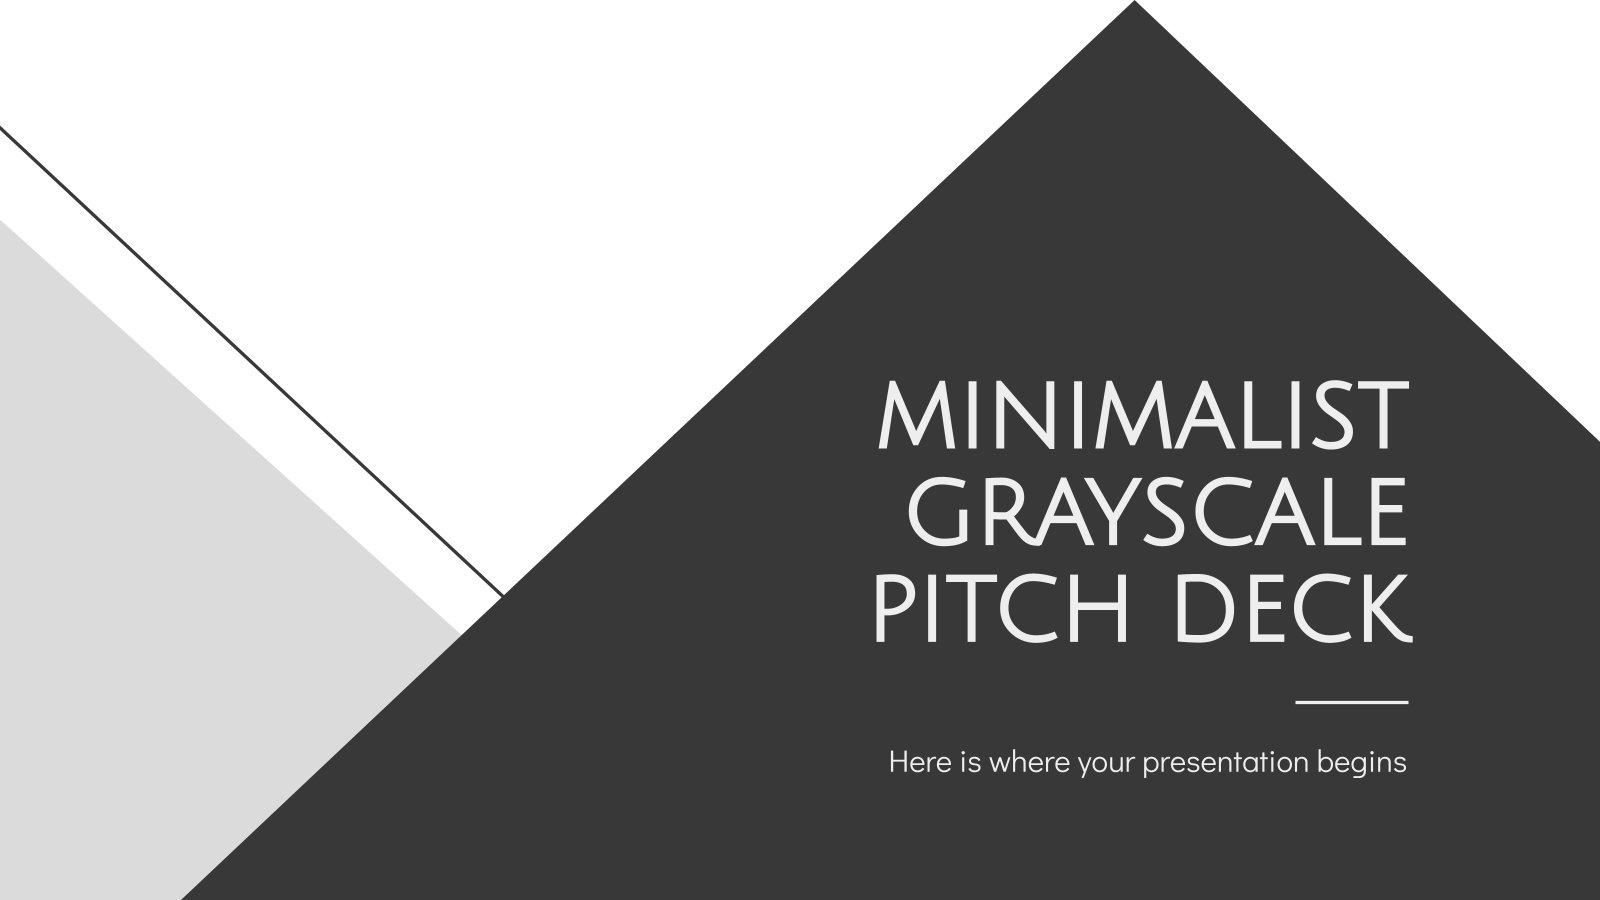 Pitch deck minimaliste avec niveaux de gris : Modèles de présentation